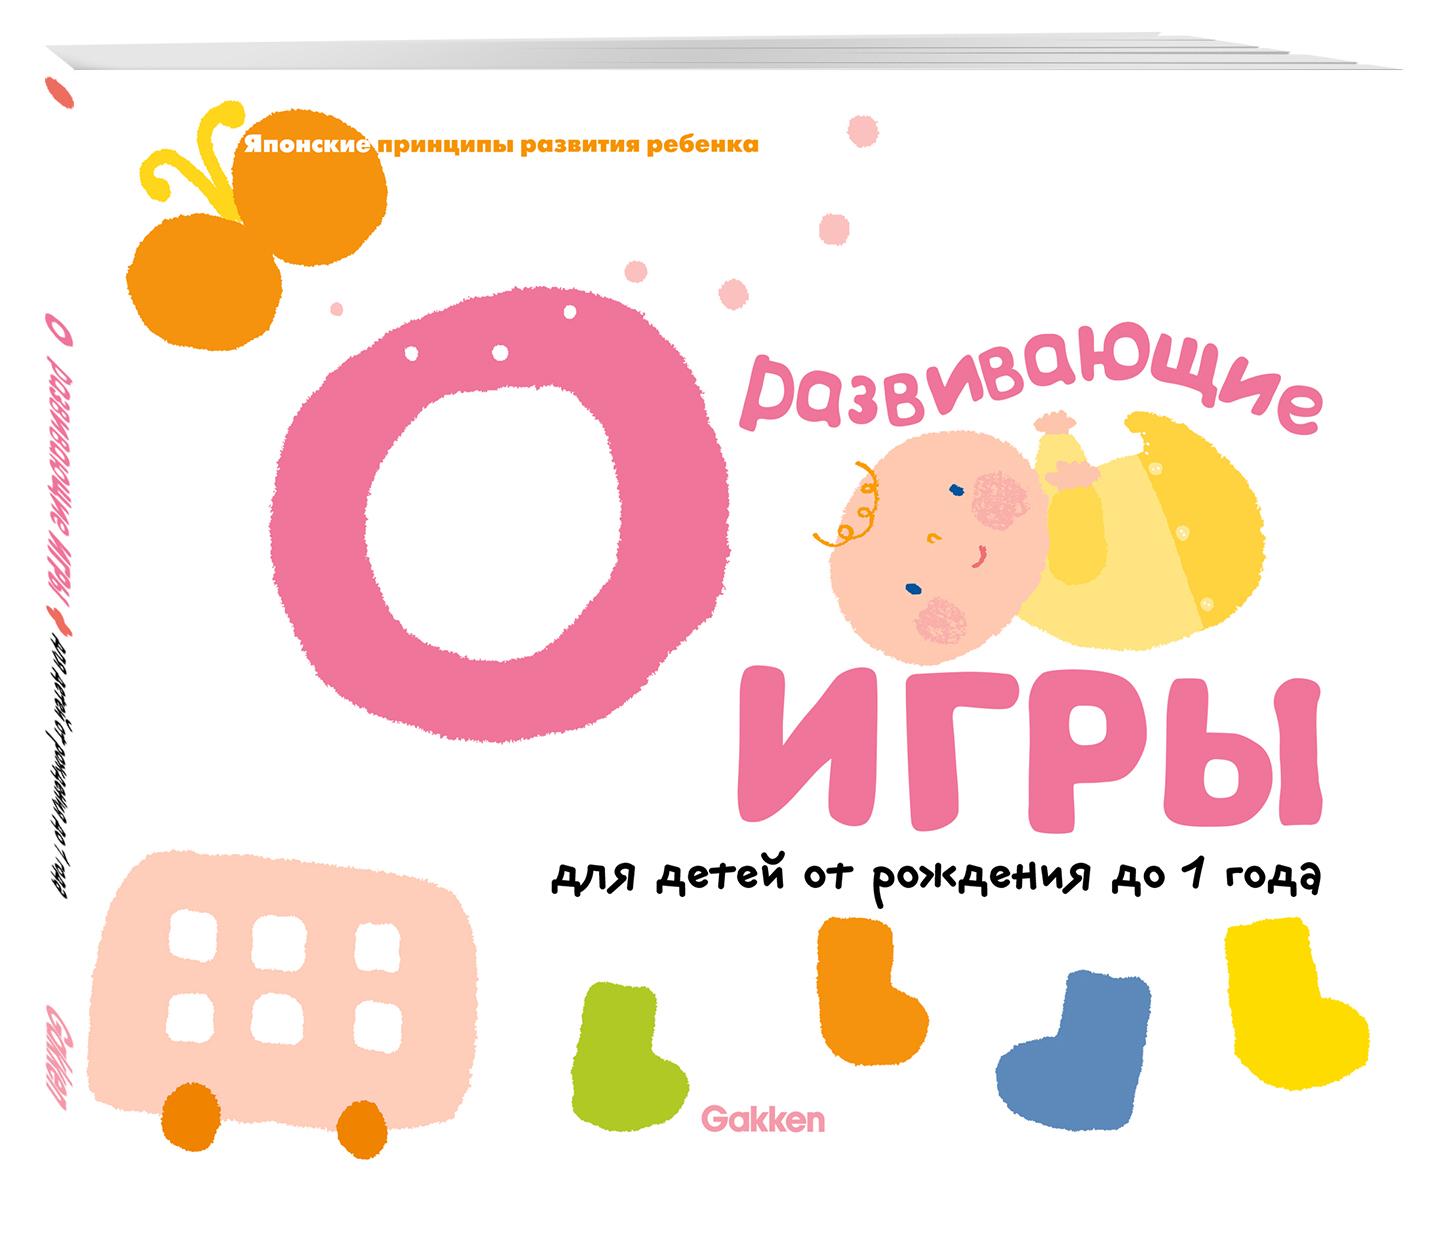 Gakken. Развивающие игры для детей от рождения до 1 года талалаева е ред развивающие игры для детей от рождения до 1 года